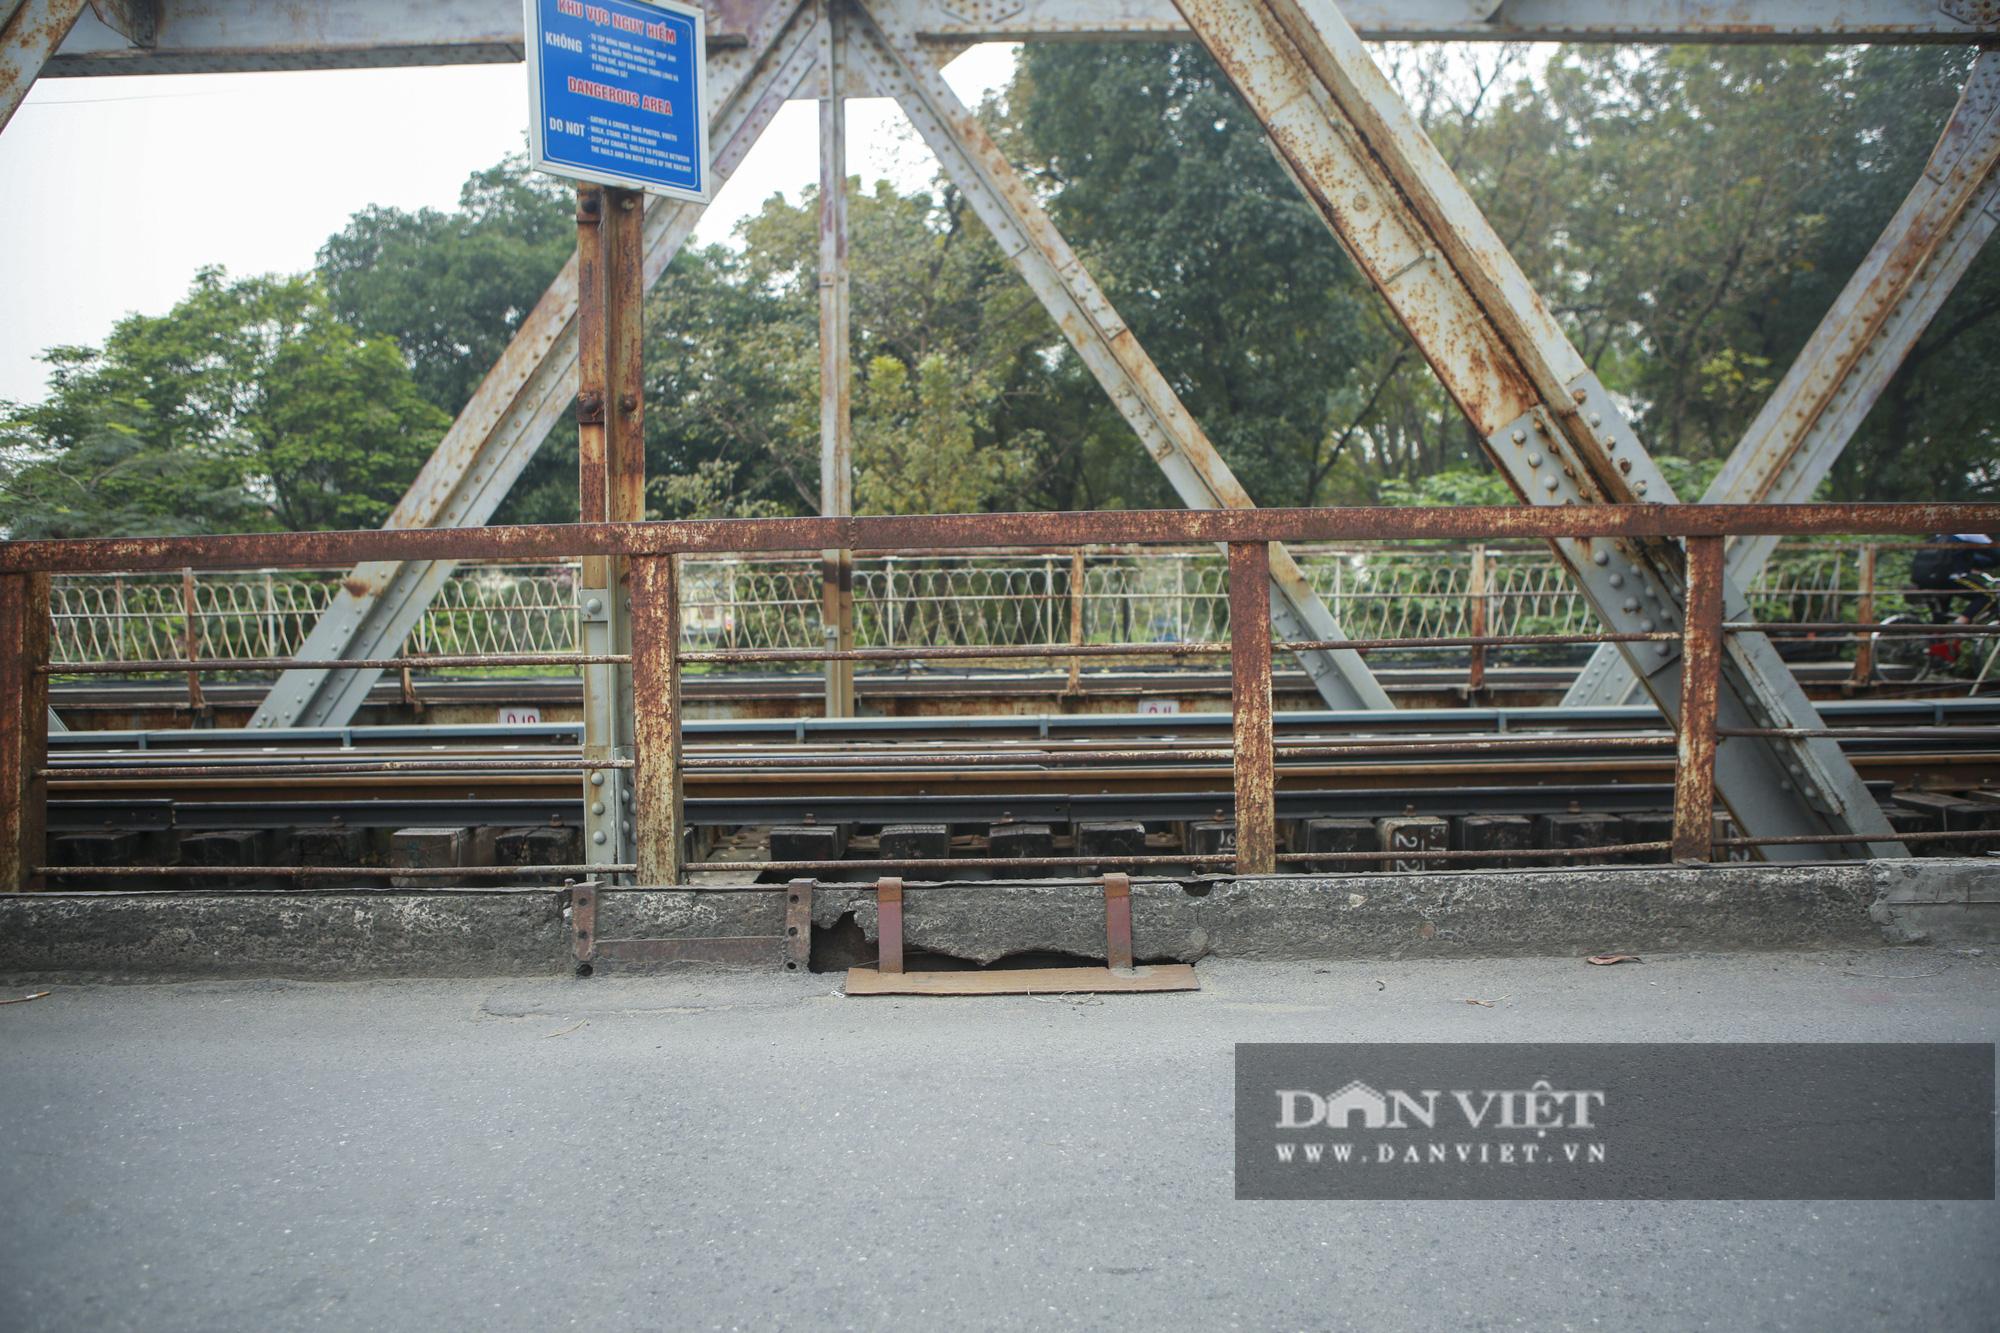 Cầu Long Biên xuống cấp đến không ngờ, mặt đường nhiều ổ gà, hở hàm ếch có thể nhìn rõ mặt nước sông Hồng - Ảnh 5.